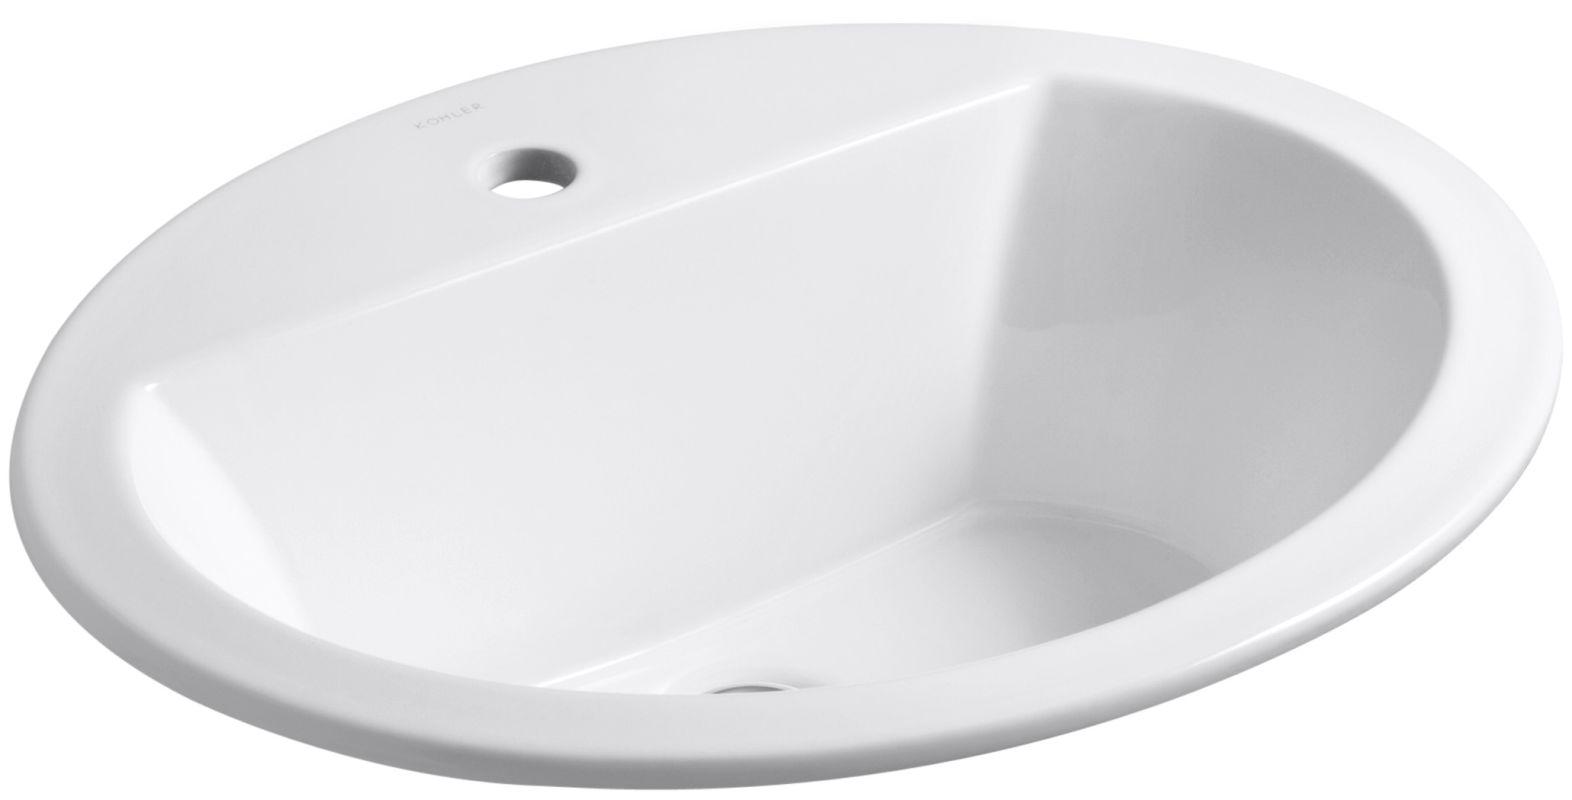 upc 885612000910 kohler k 2699 1 0 white bryant bryant 17 3 8 drop in bathroom sink. Black Bedroom Furniture Sets. Home Design Ideas